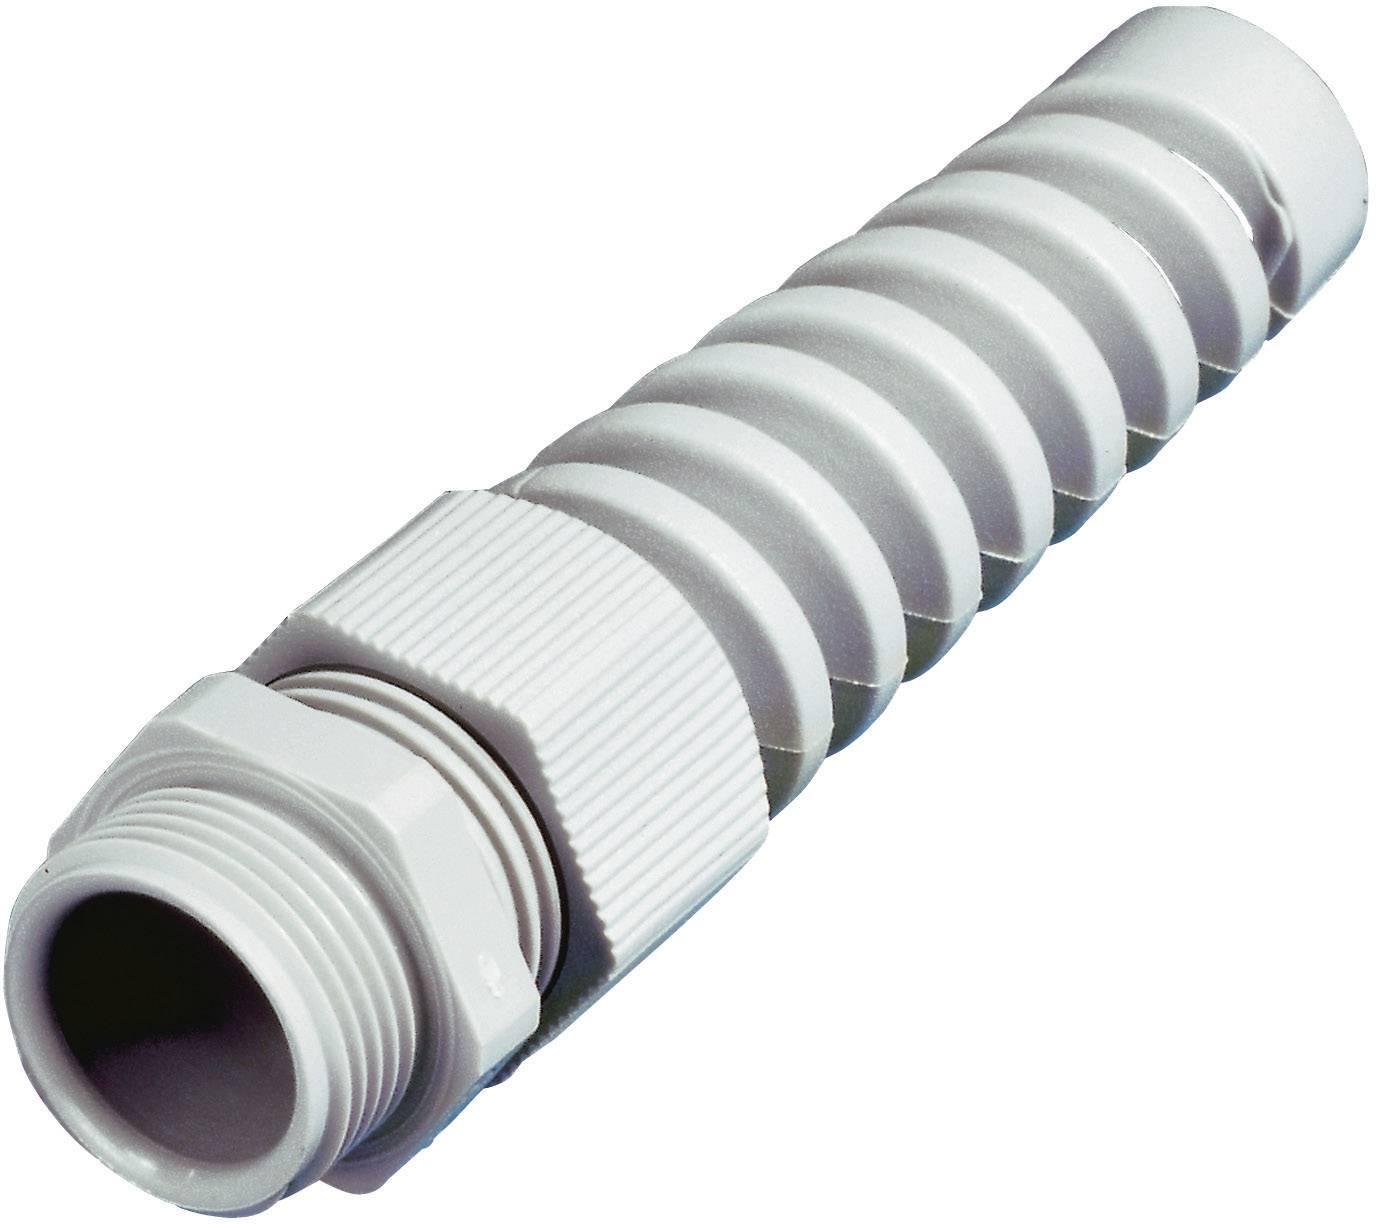 Káblová priechodka Wiska SKVS PG11 RAL 7035;s odľahčením ťahu, s ochranou pred zlomením, polyamid, svetlo sivá, 1 ks